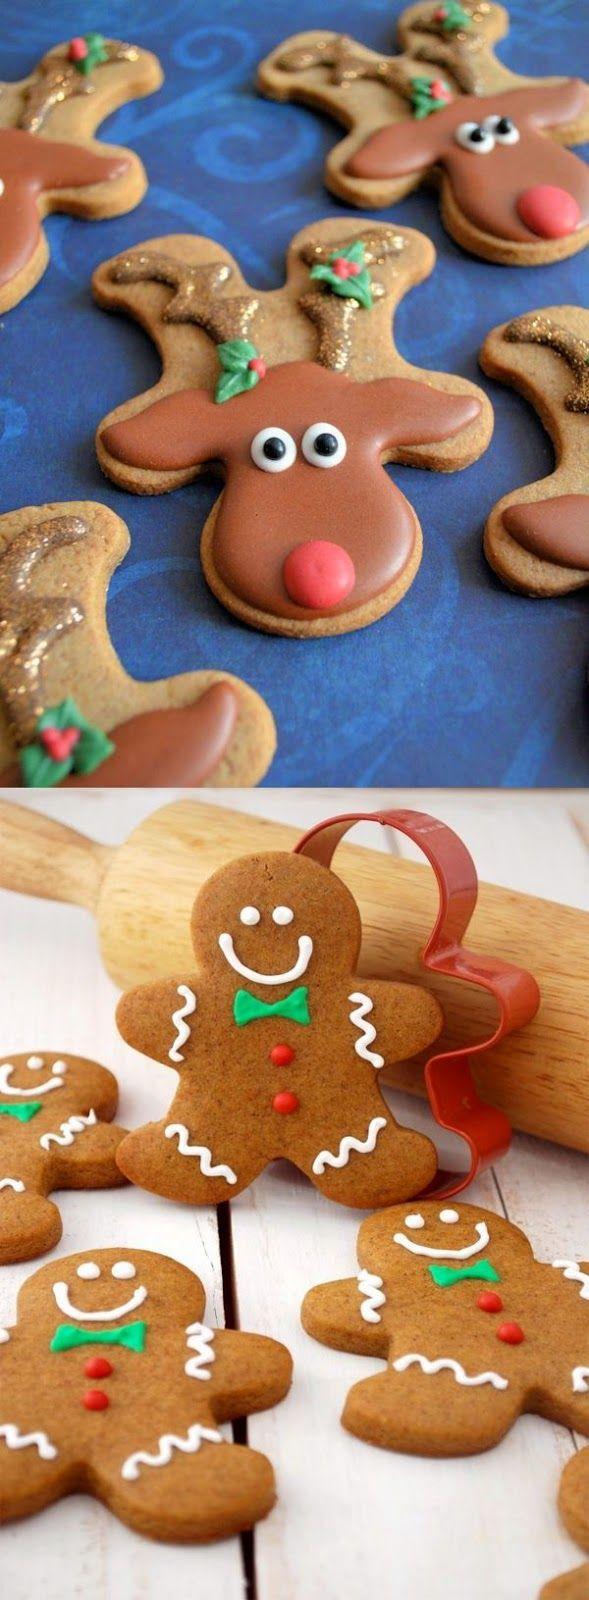 Bolinhos do pão de gengibre receita do feriado do Natal do cozimento melhor assar blogue bíblia - biscoitos do Natal